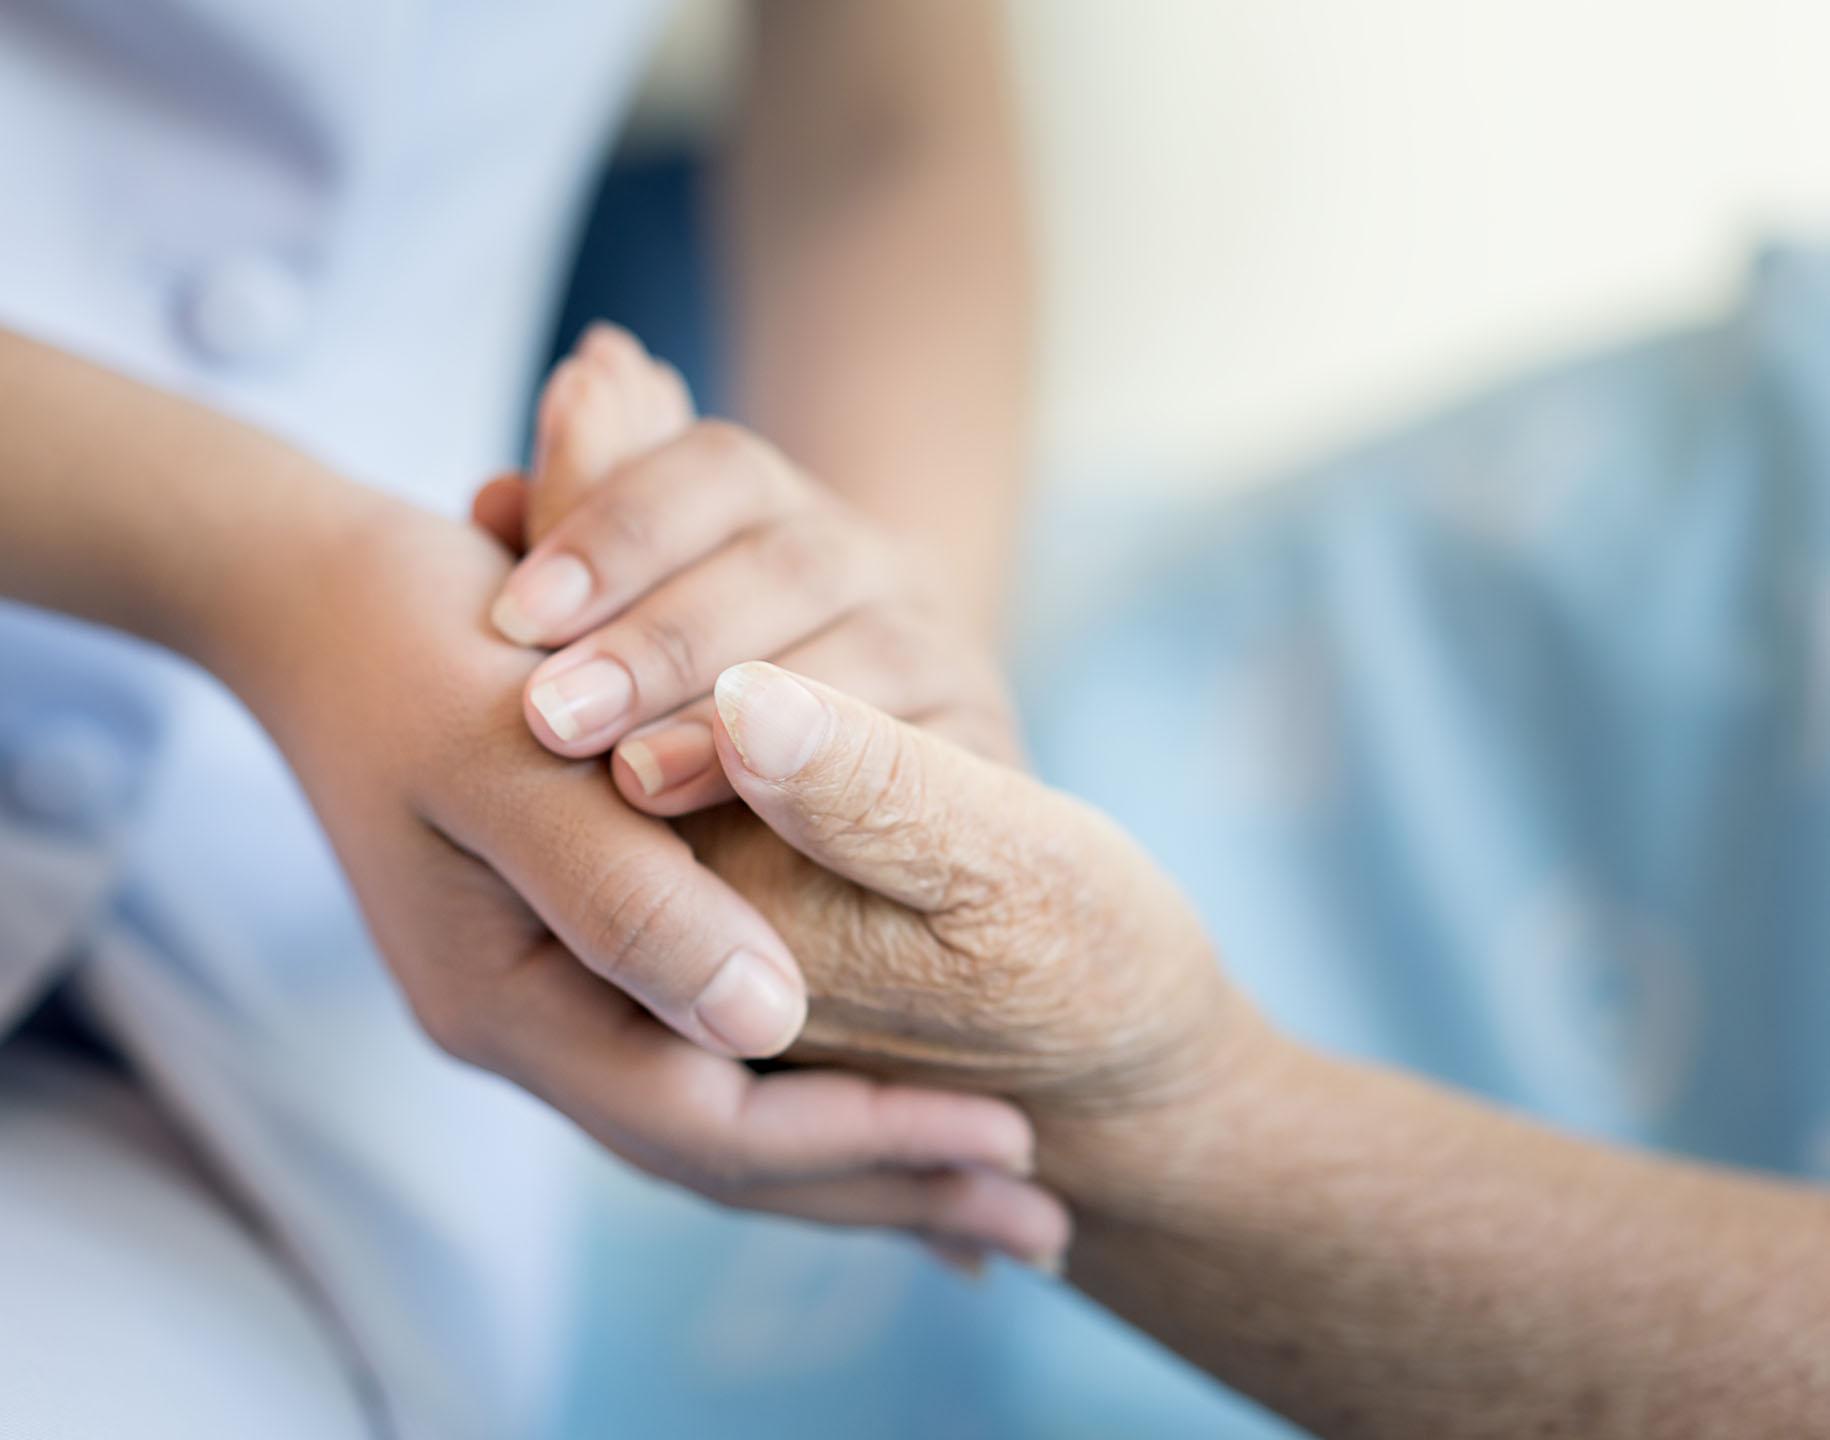 Nursing Home Elderly Wounds, Bruises, Injuries or Bleeding (Updated June 2021)